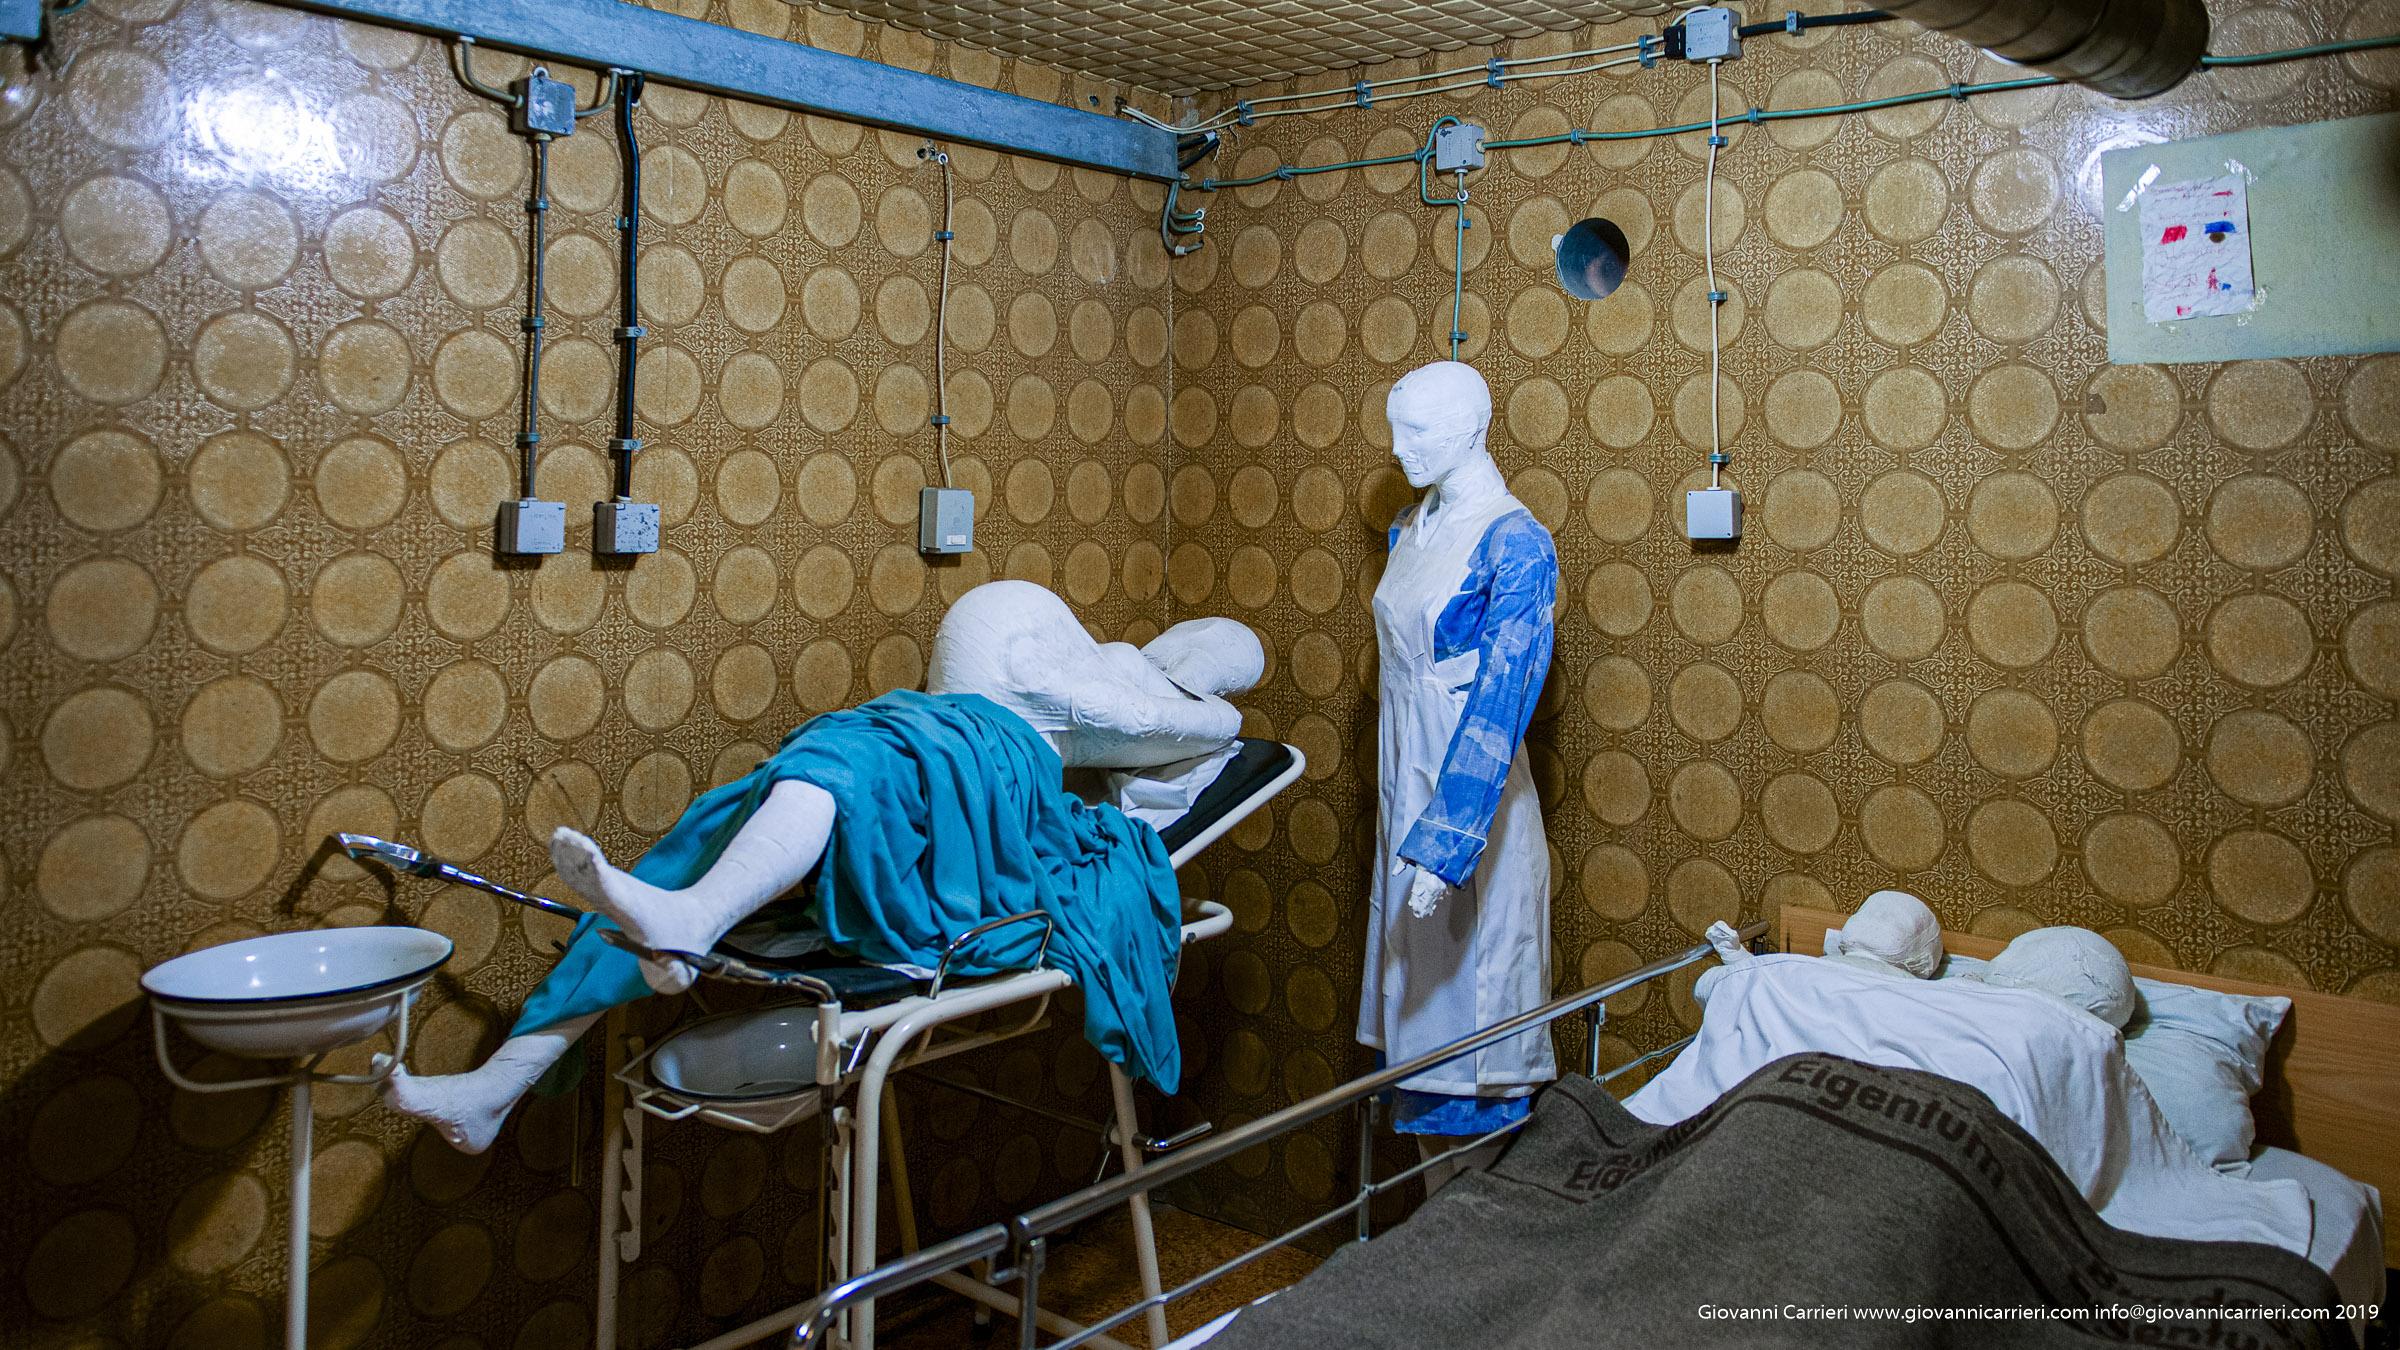 Le cure ai pazienti nell'ospedale of Vukovar durante l'assedio